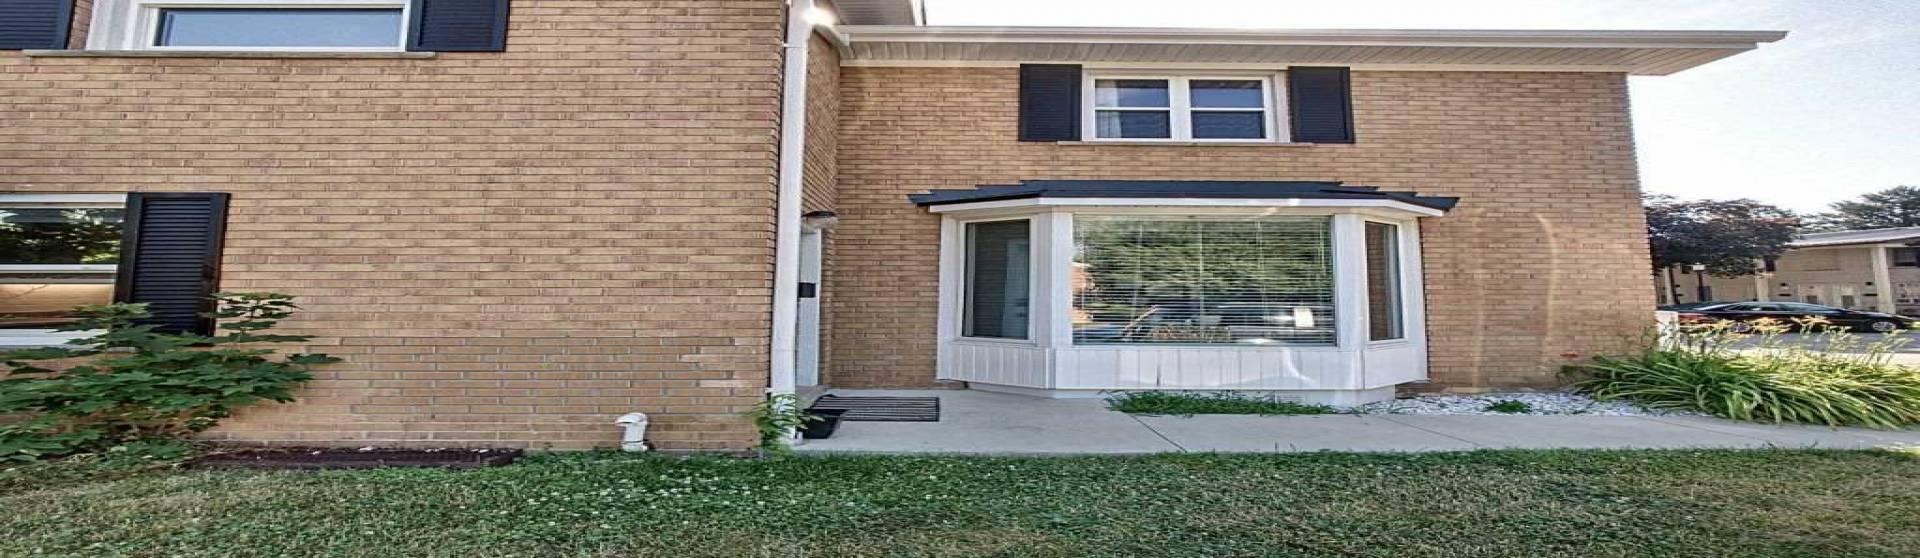 57 Arbour Glen Cres, London, Ontario N5Y1Z9, 2 Bedrooms Bedrooms, 5 Rooms Rooms,2 BathroomsBathrooms,Condo Townhouse,Sale,Arbour Glen,X4811199